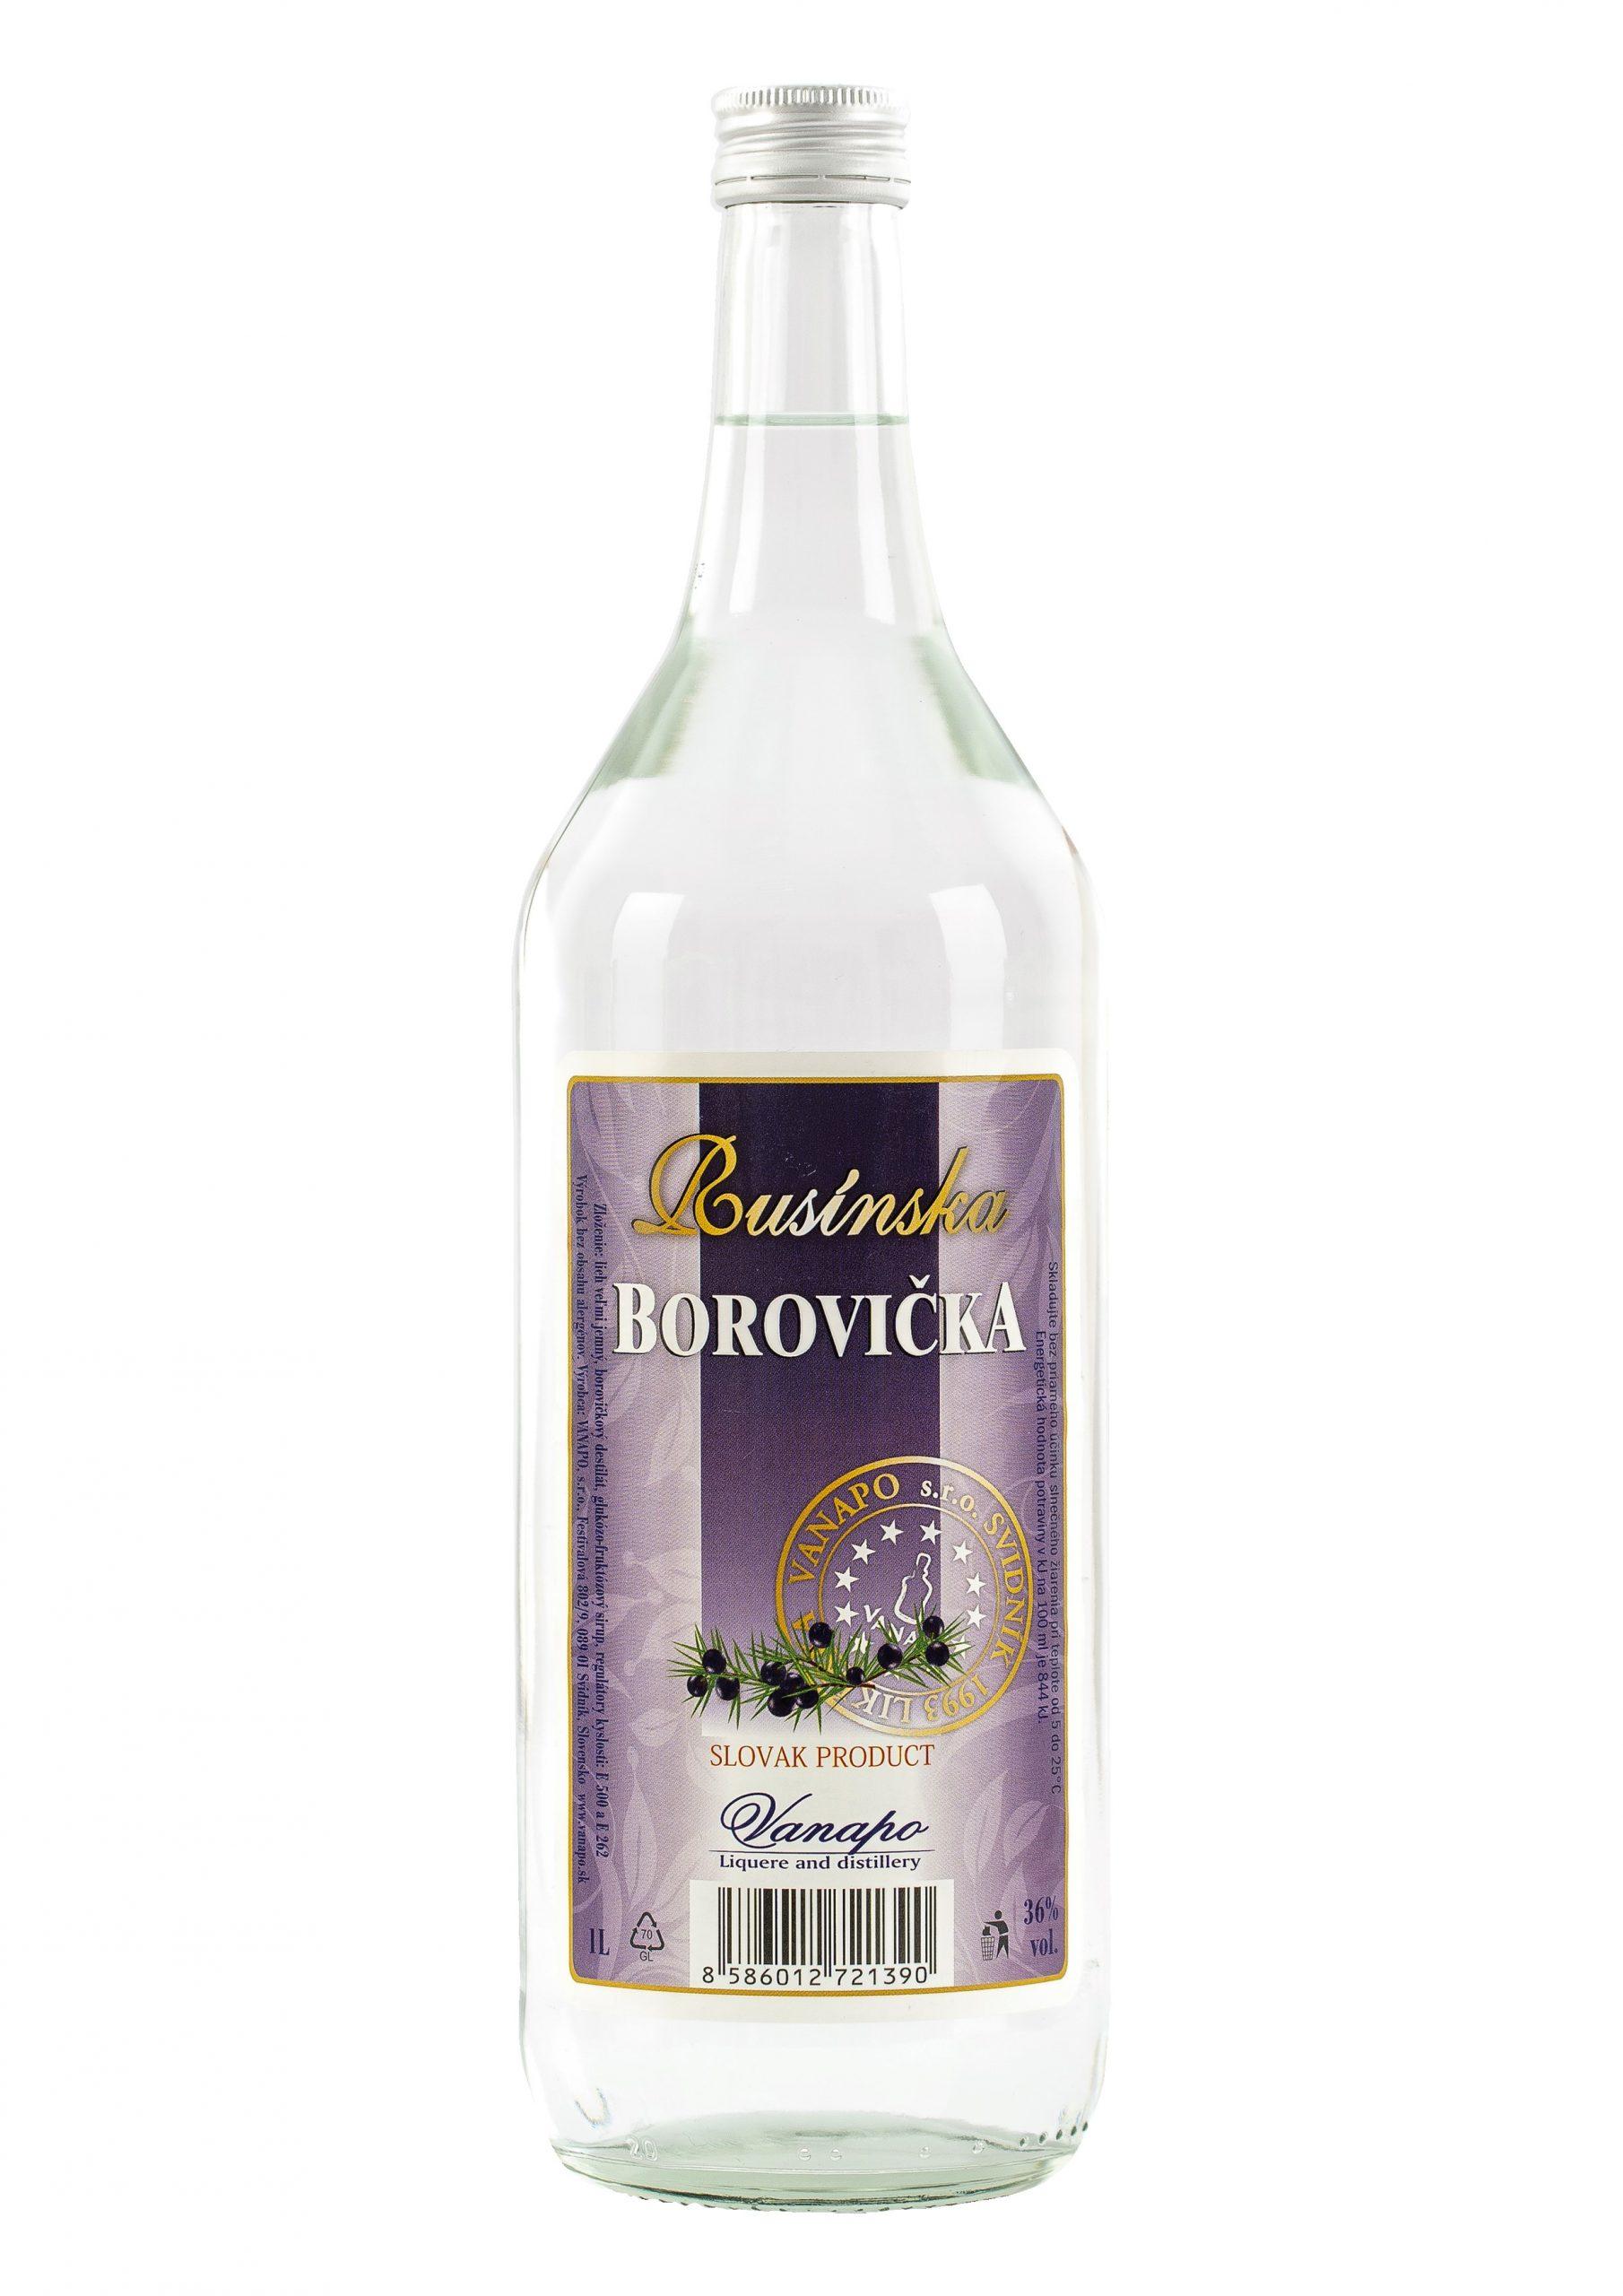 Borovicka Rusinska 36 1L scaled 1 - Rusínska borovička